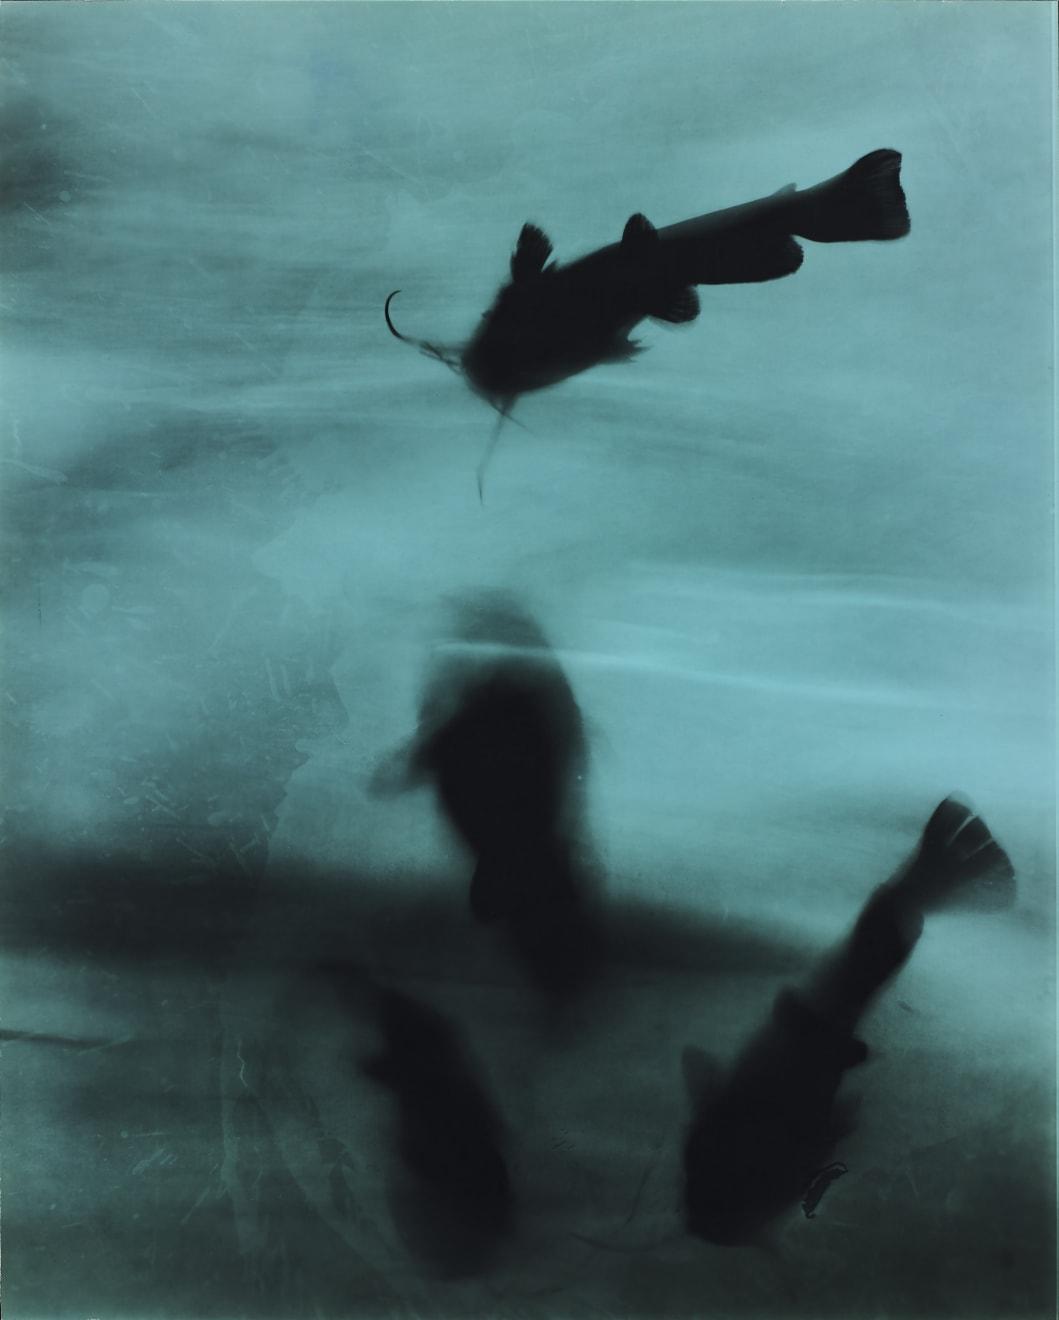 Kunié Sugiura, 4 catfish, 1996